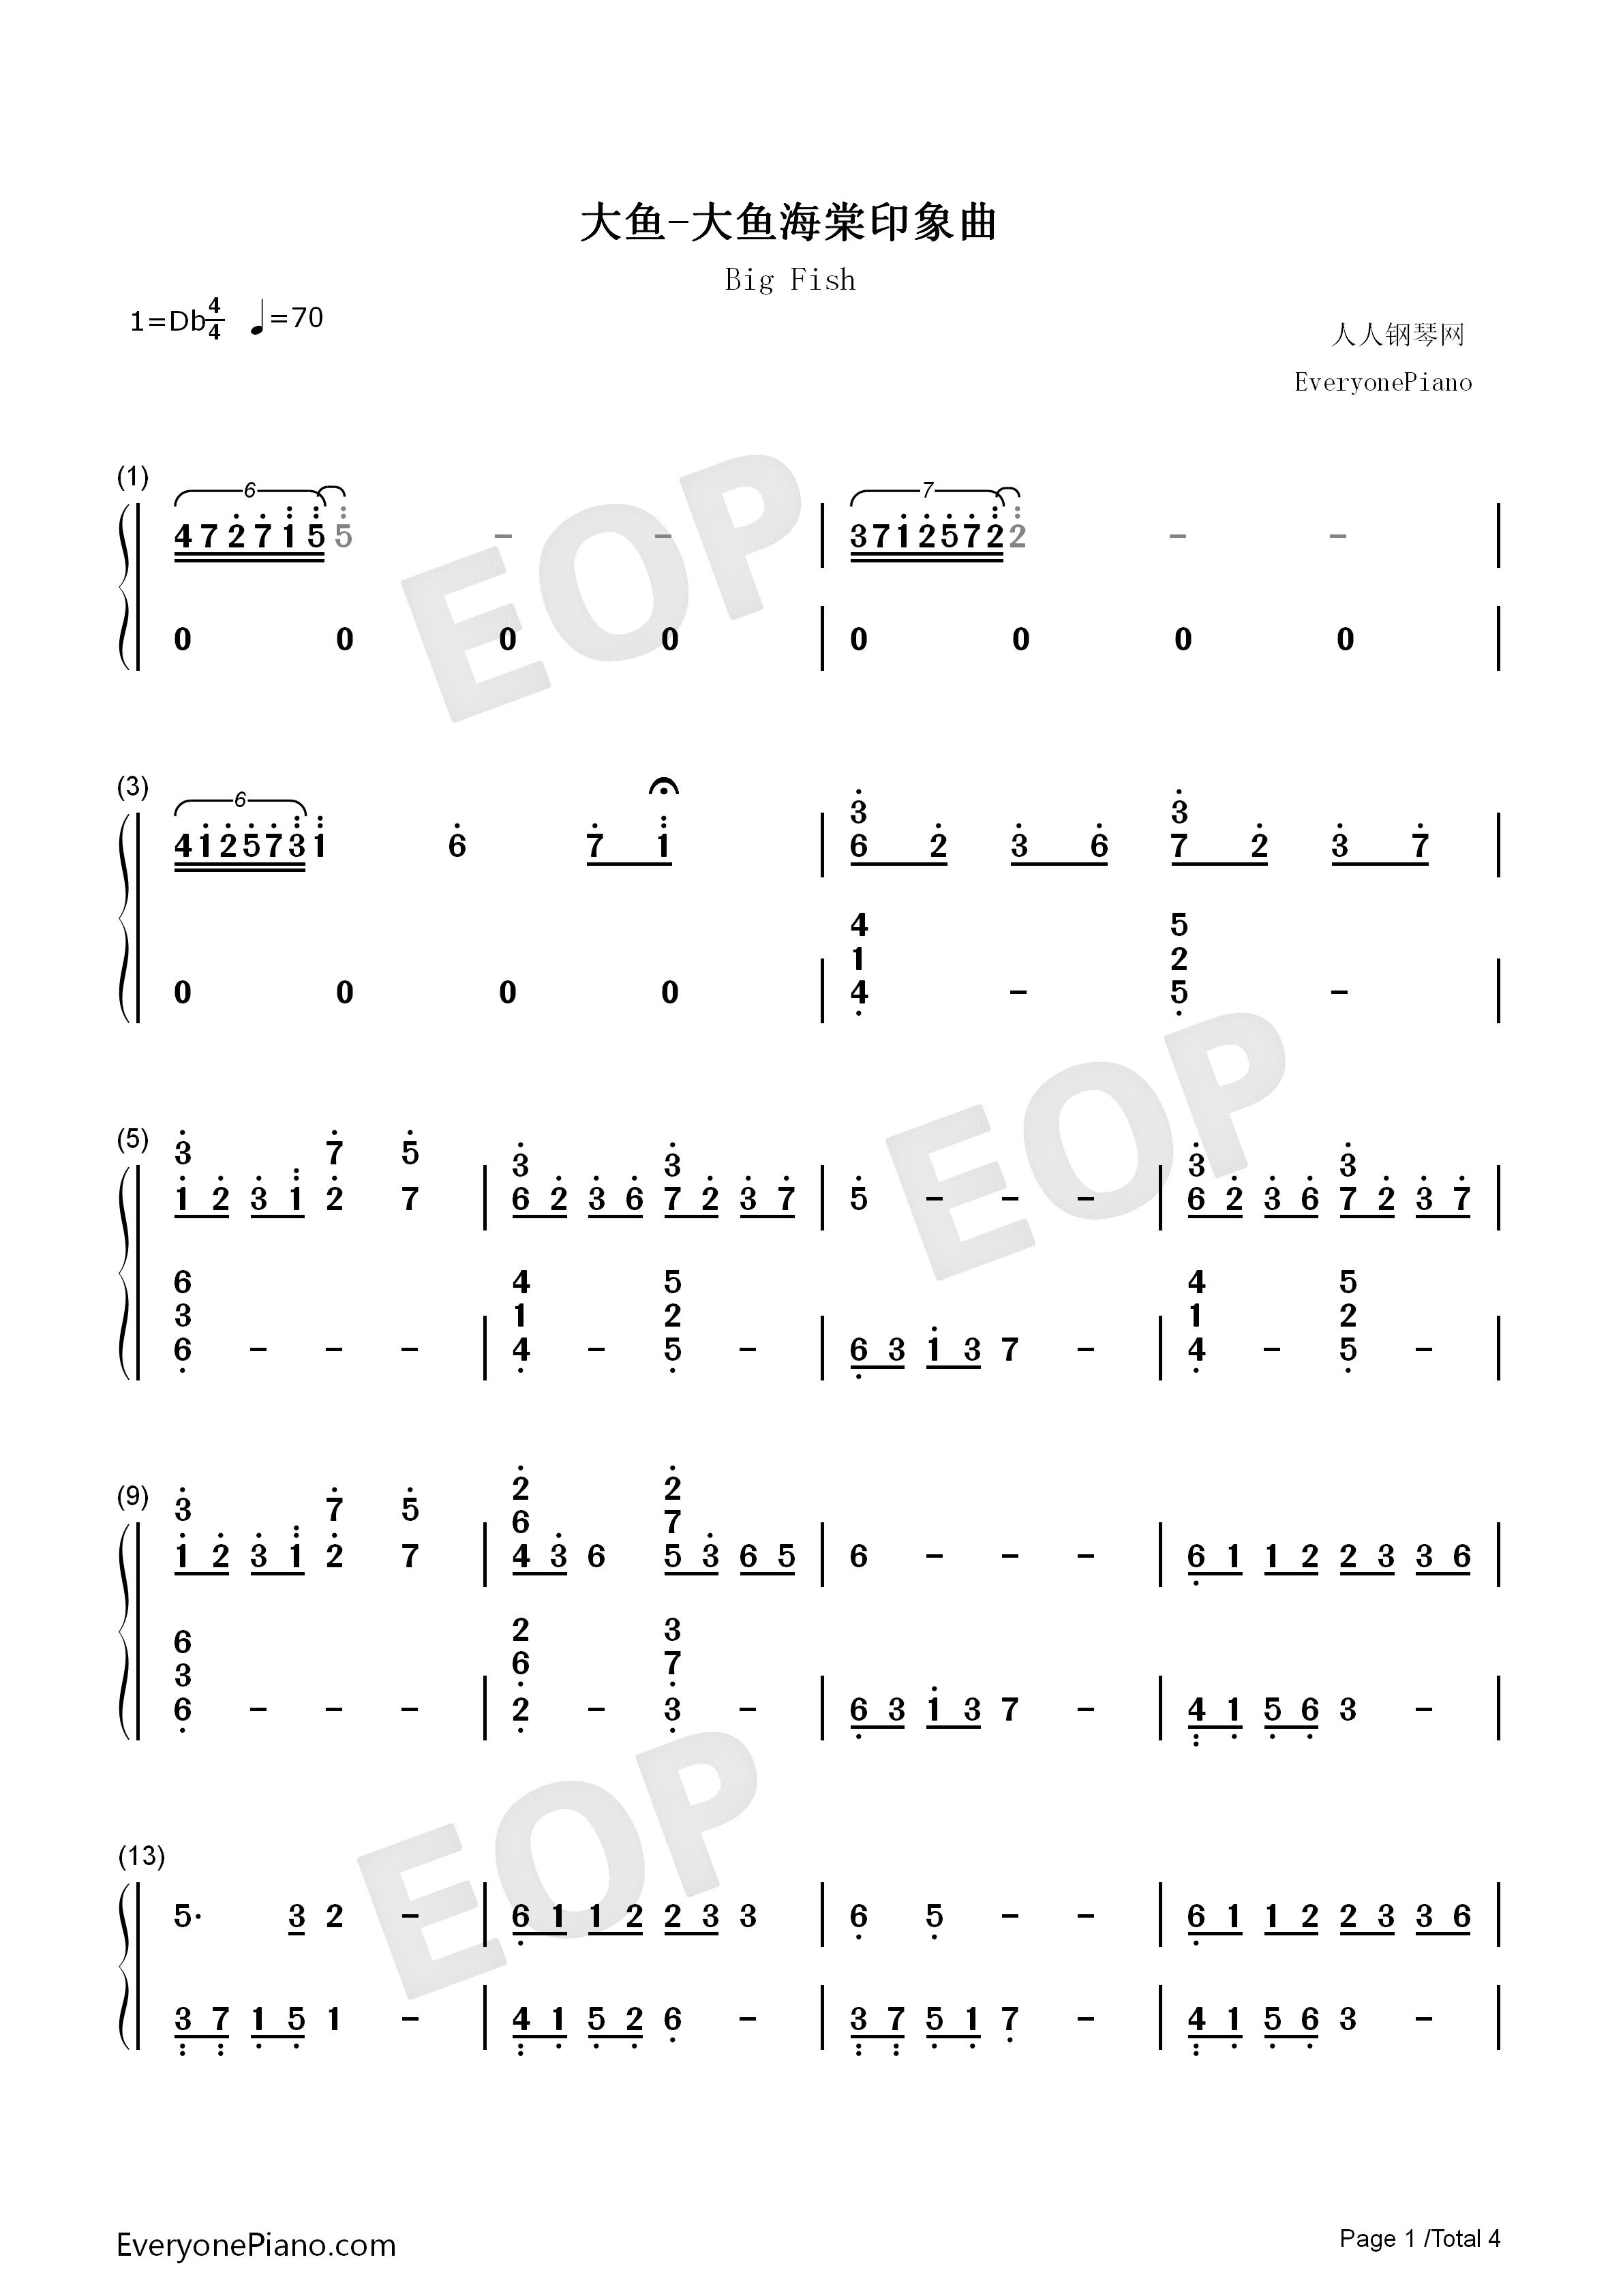 大鱼-周深双手简谱预览1-钢琴谱档(五线谱,双手简谱图片